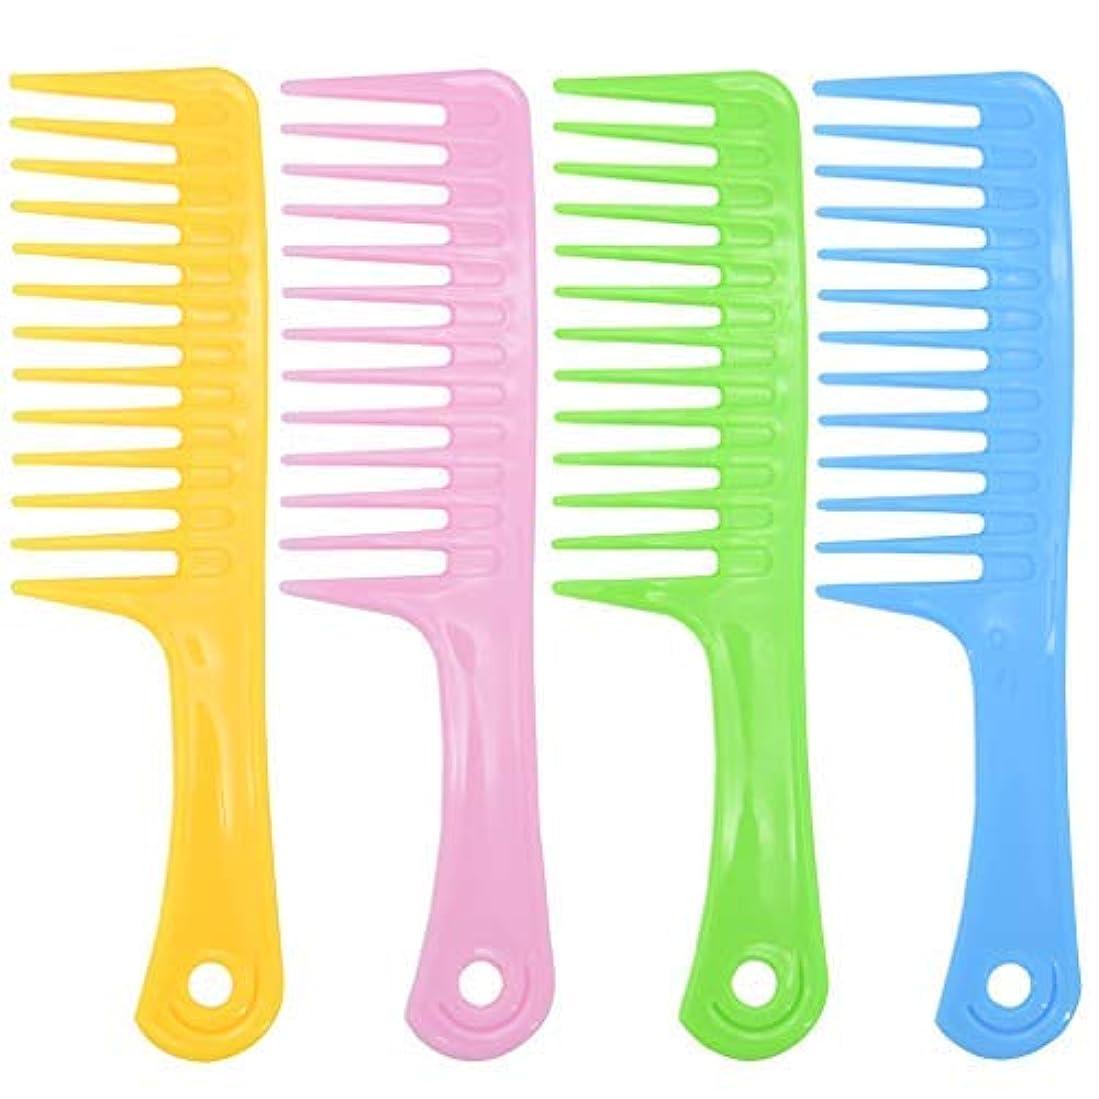 保全収縮ラウンジAncefine 8 Pieces Large Tooth Detangle Comb Anti-static Wide Hair Salon Shampoo Comb for Thick,Long and Curl Hair,9 1/2 Inches [並行輸入品]